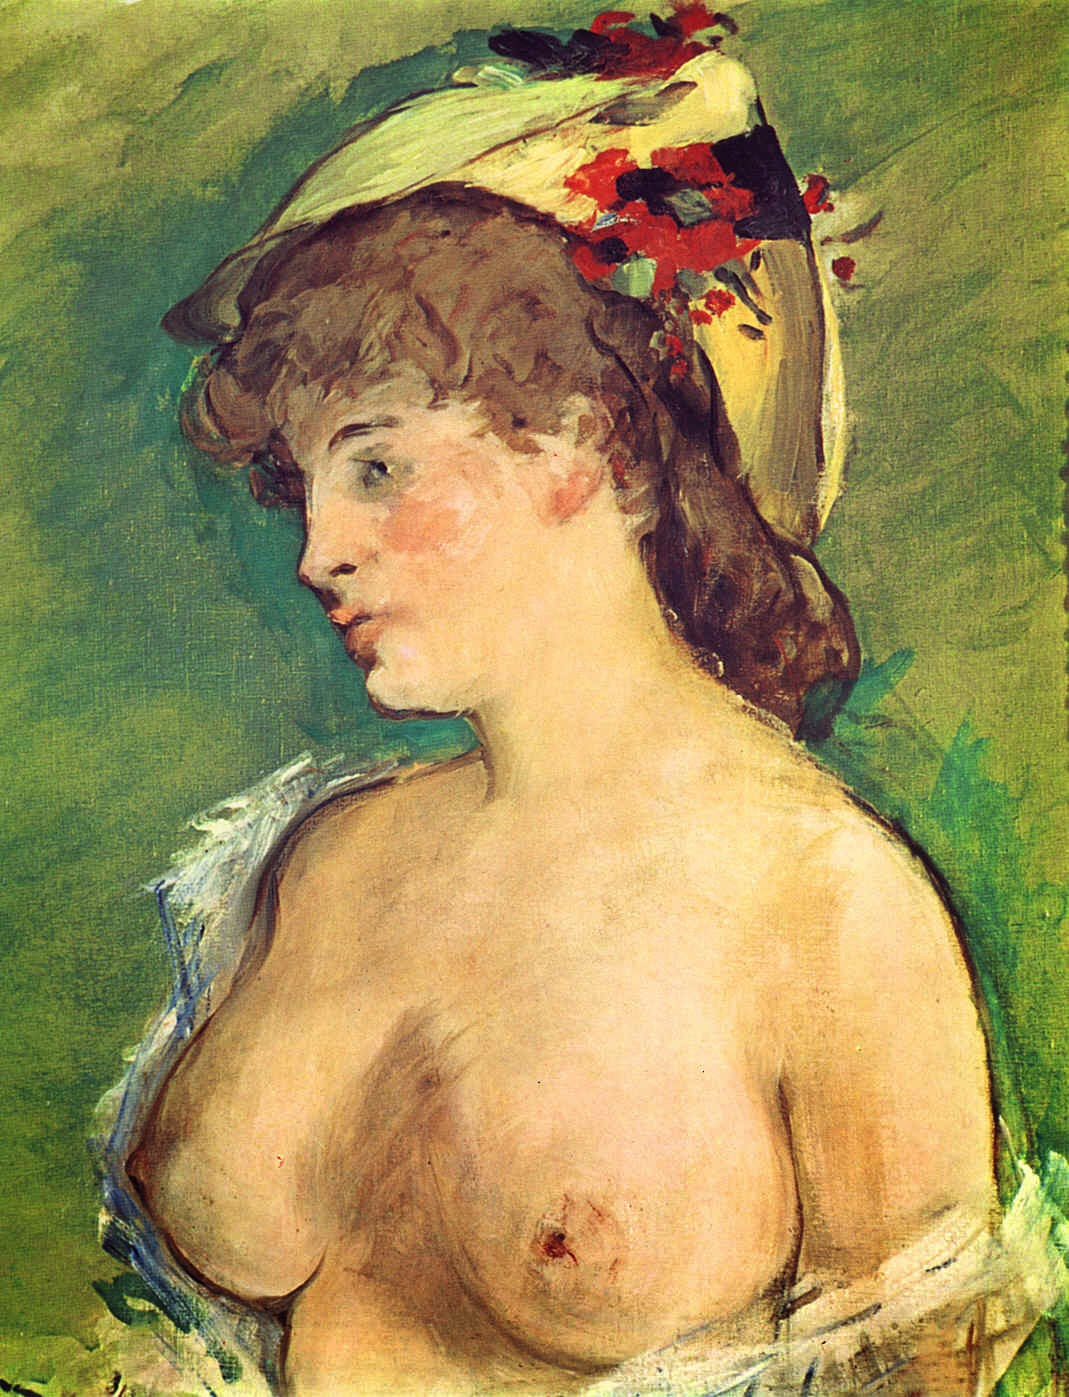 Mulher Loura com os Seios Nus - Pinturas impressionistas pintadas por Édouard Manet